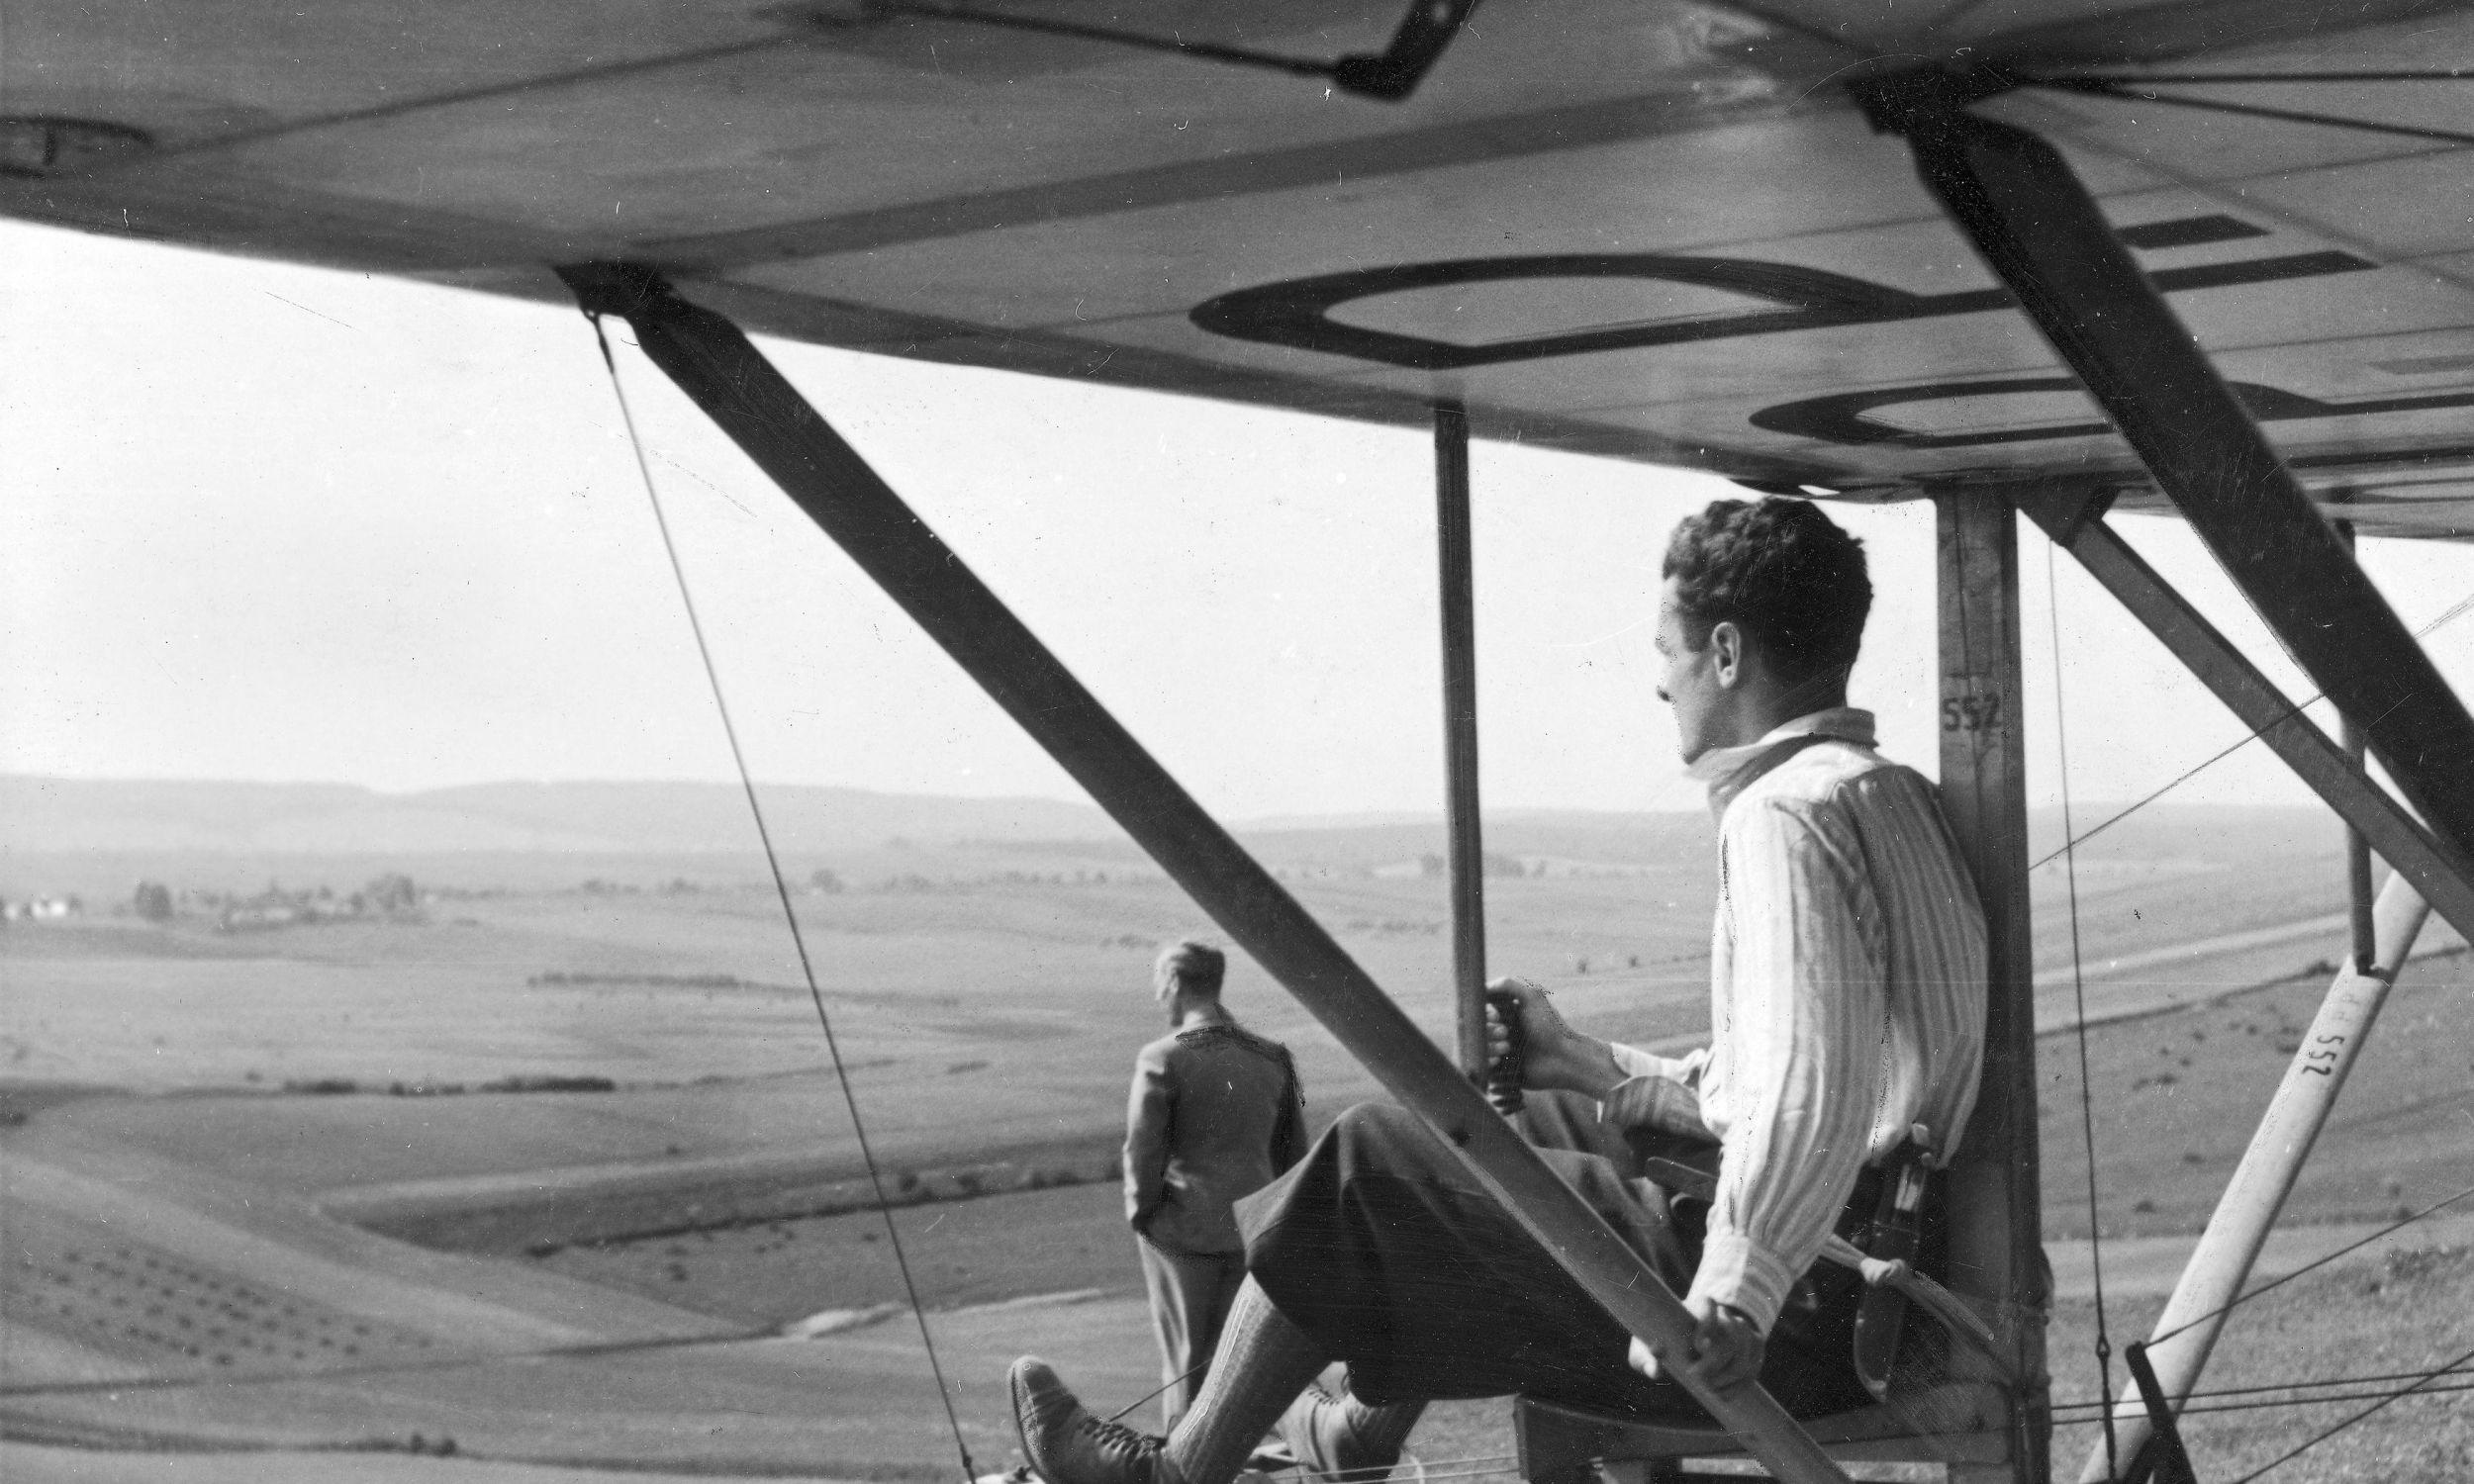 """Wrzesień 1937 roku. Szkolenie szybowcowe we Lwowie, jeden z kursant szykuje się do startu na maszynie """"Wrona"""". Fot. NAC/IKC, sygn. 1-S-3055-1"""